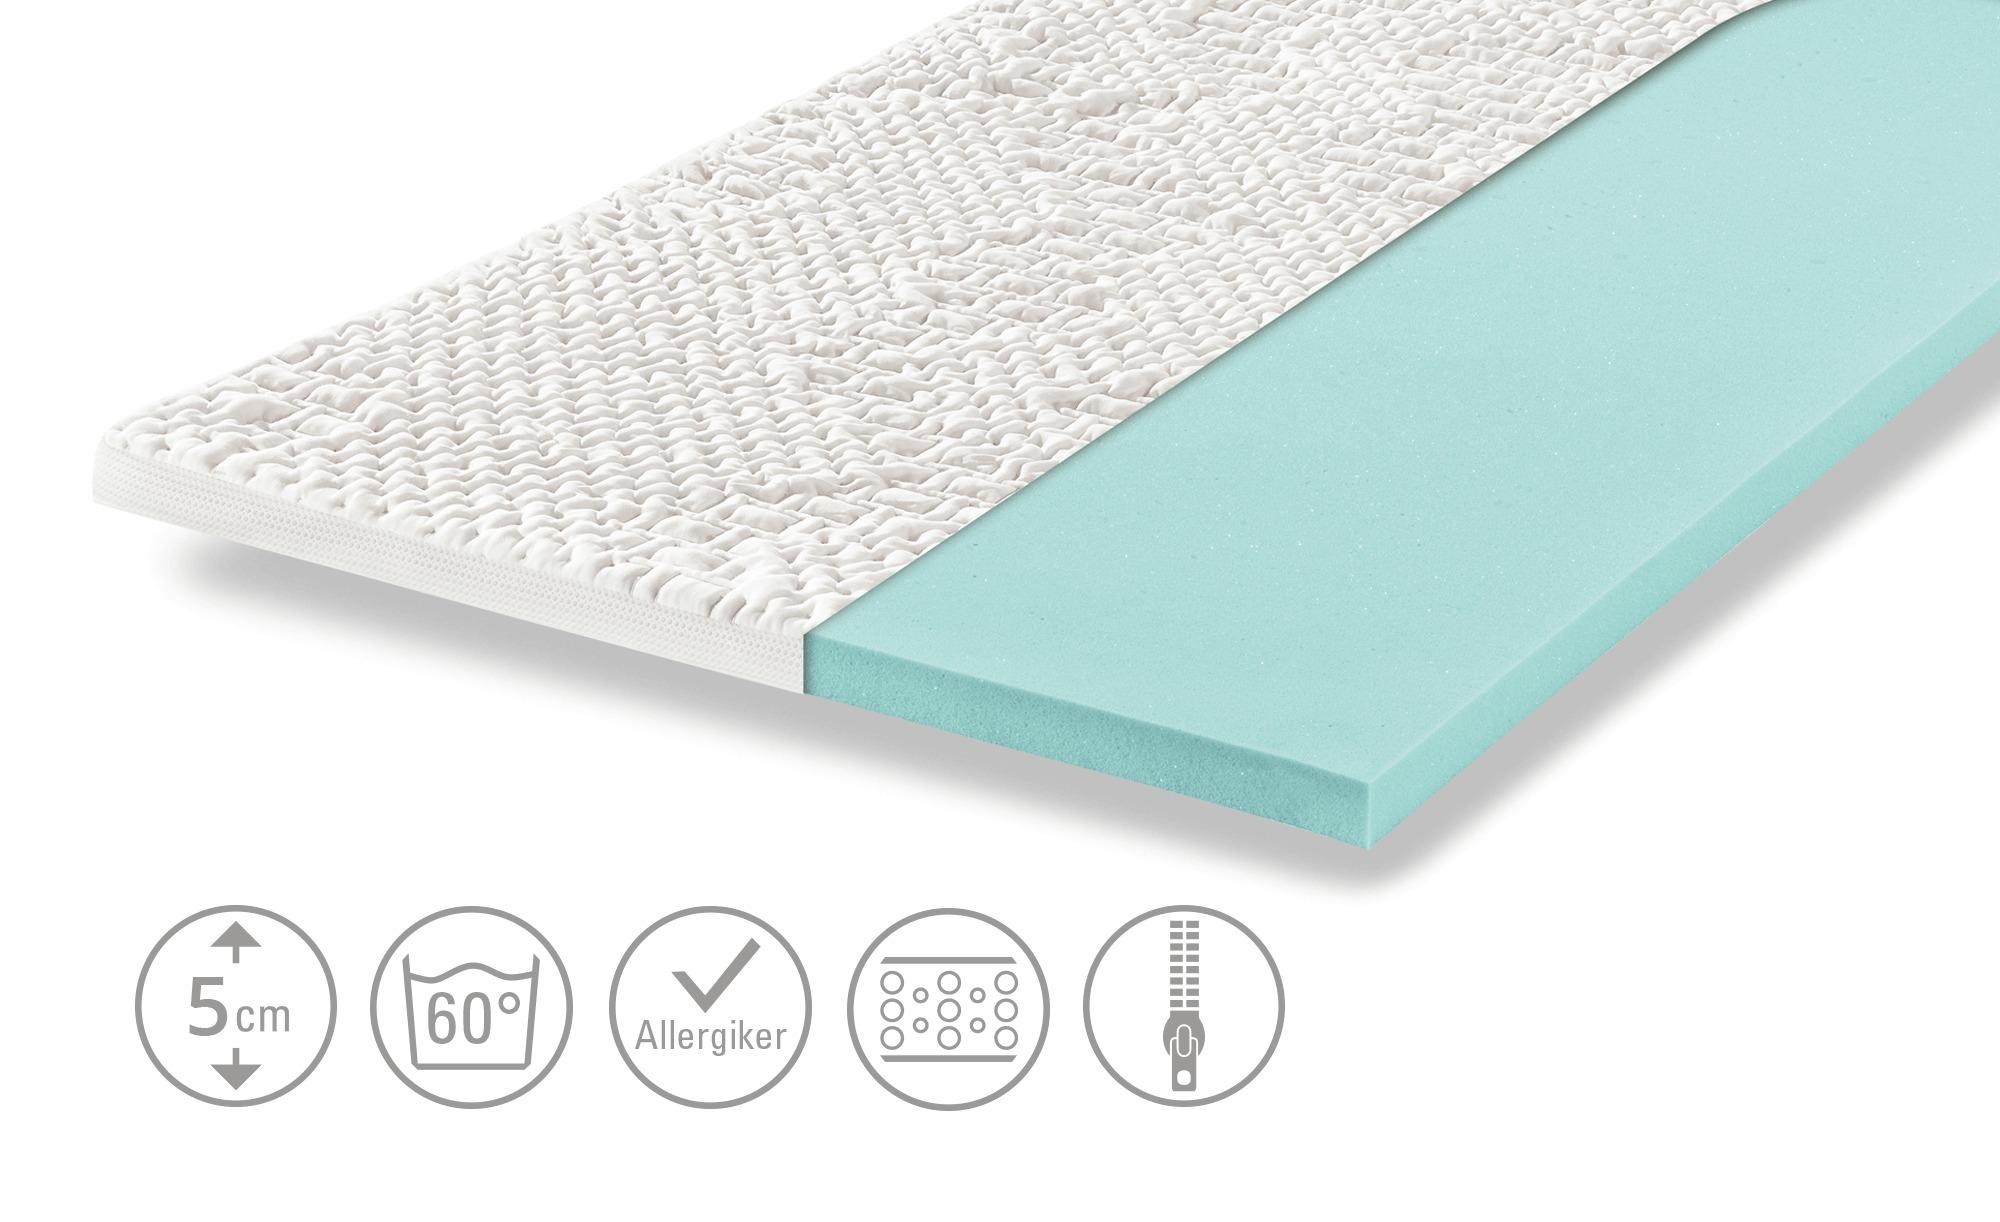 Möve Kaltschaumtopper  Aqua Med KS - weiß - 100 cm - 5 cm - Matratzen & Zubehör > Matratzen-Topper - Möbel Kraft | Schlafzimmer > Matratzen > Unterbetten | Aqua | Möve